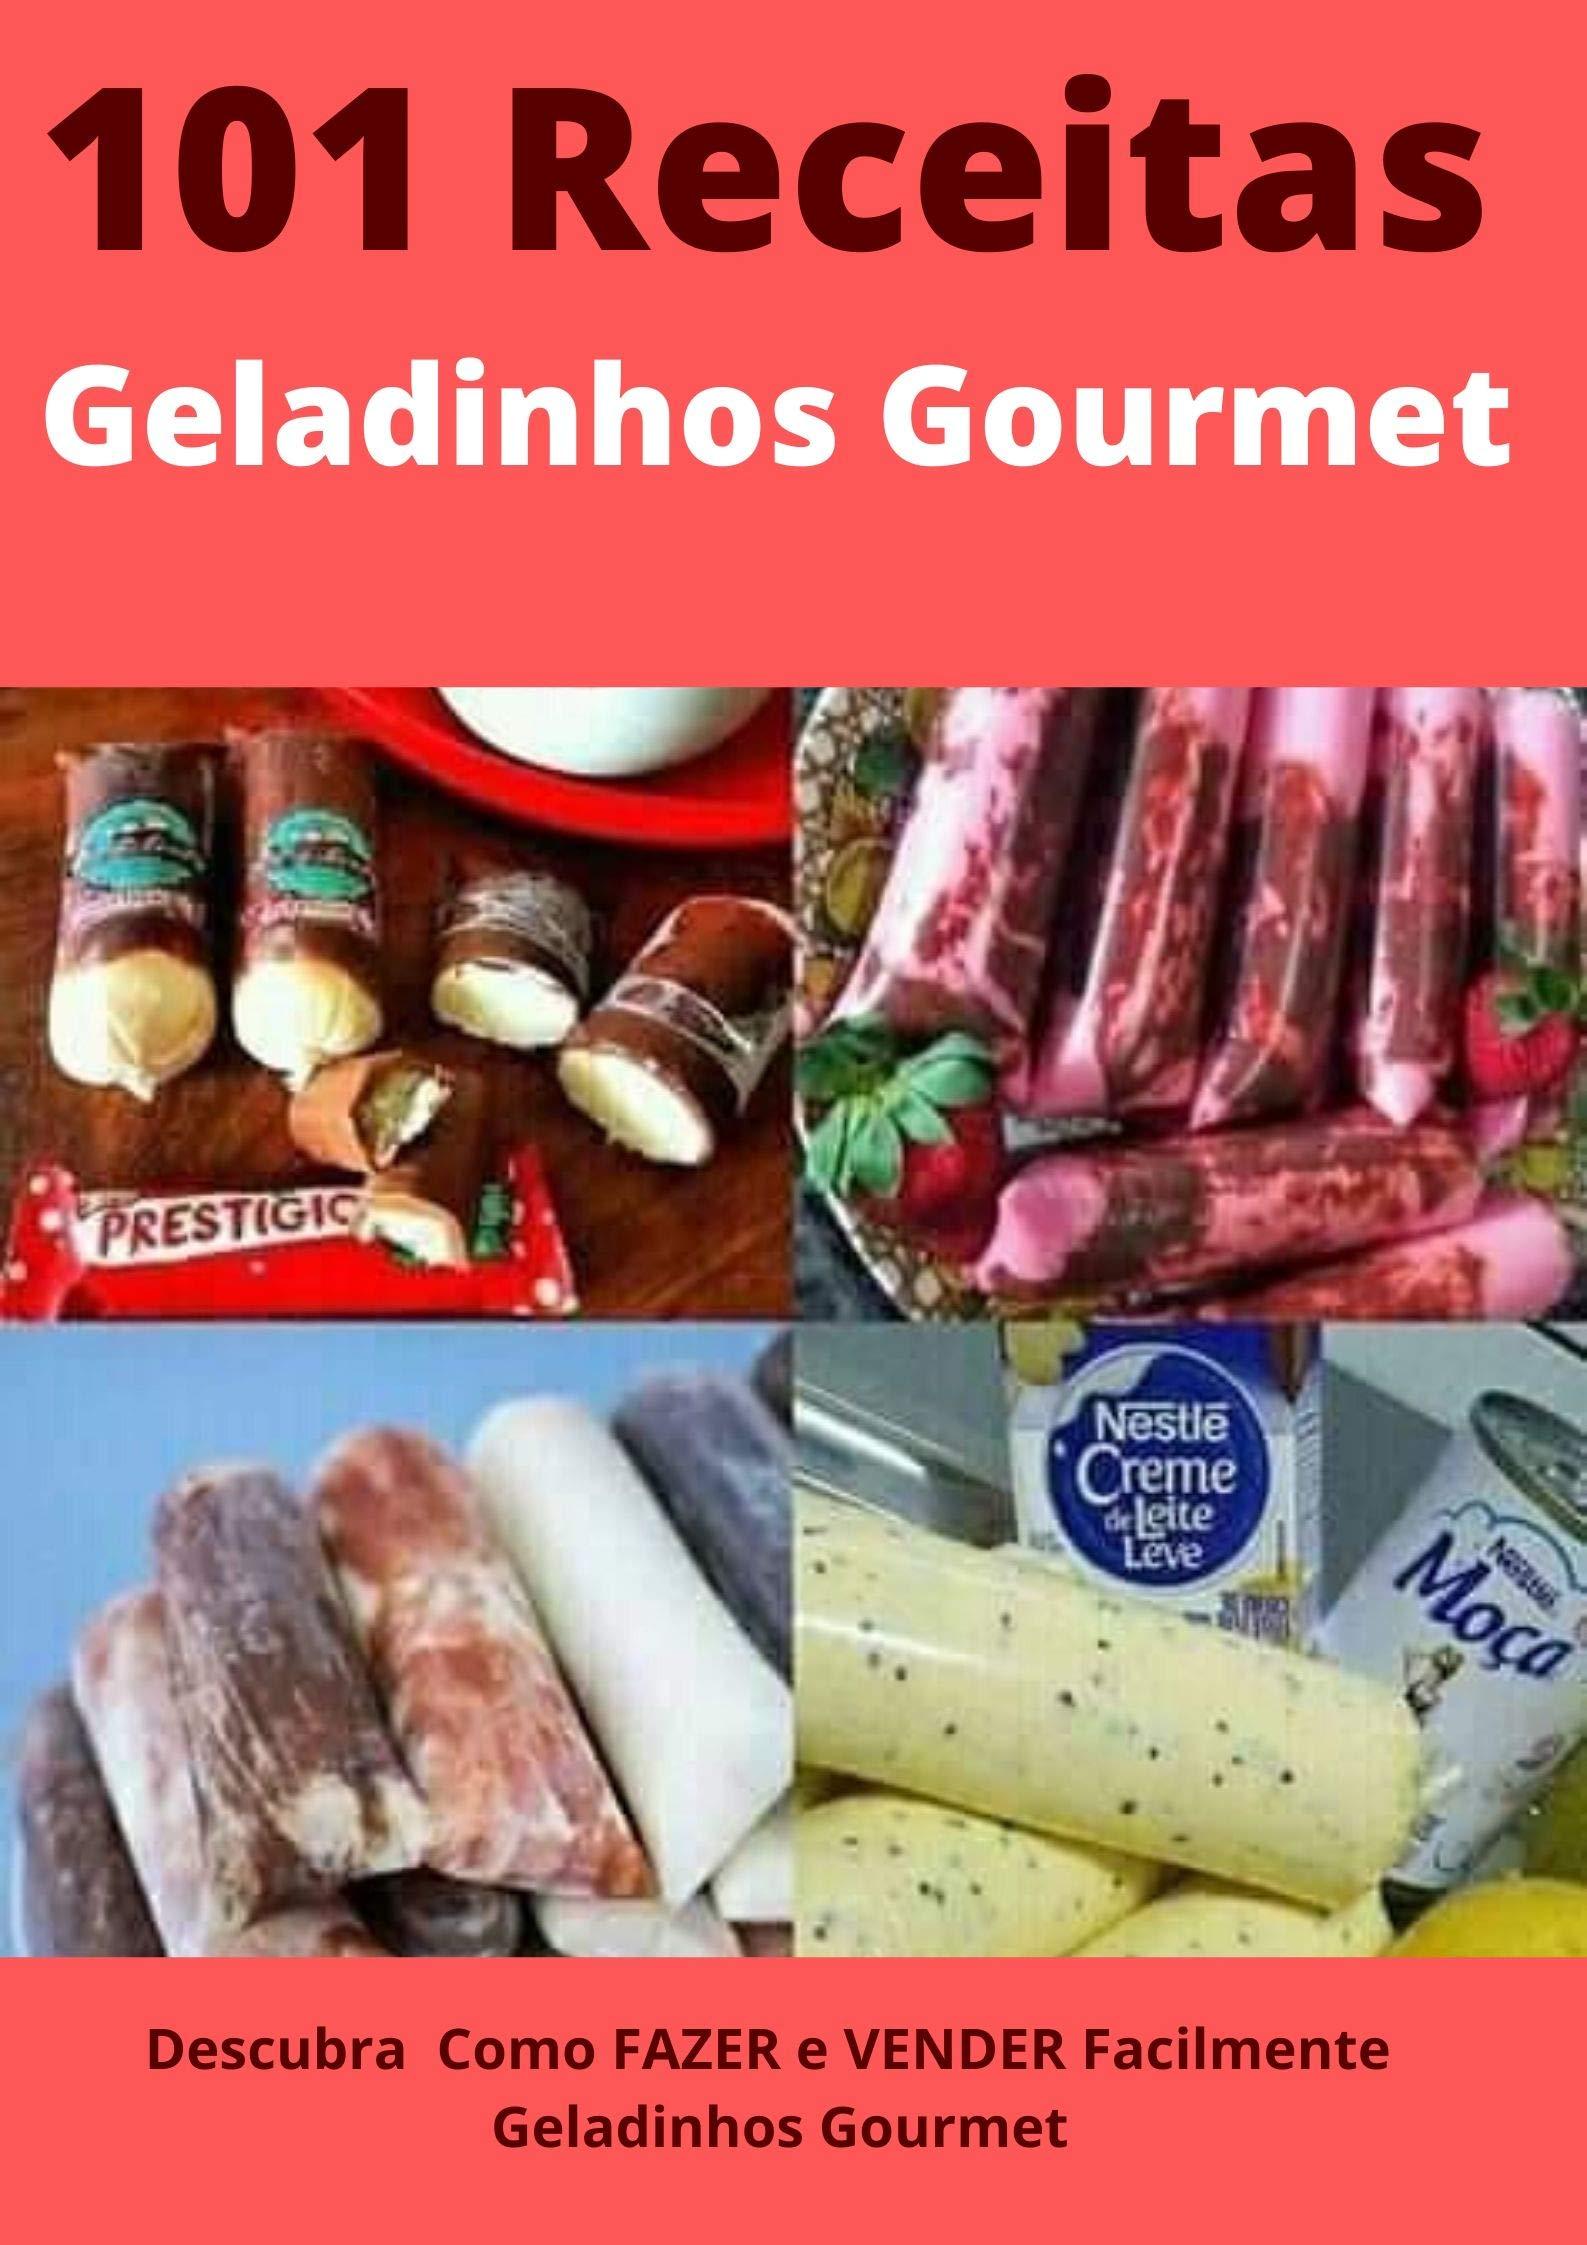 101 Receitas de Geladinho Gourmet: Descubra Como FAZER e VENDER Facilmente Geladinhos Gourmet (Portuguese Edition)